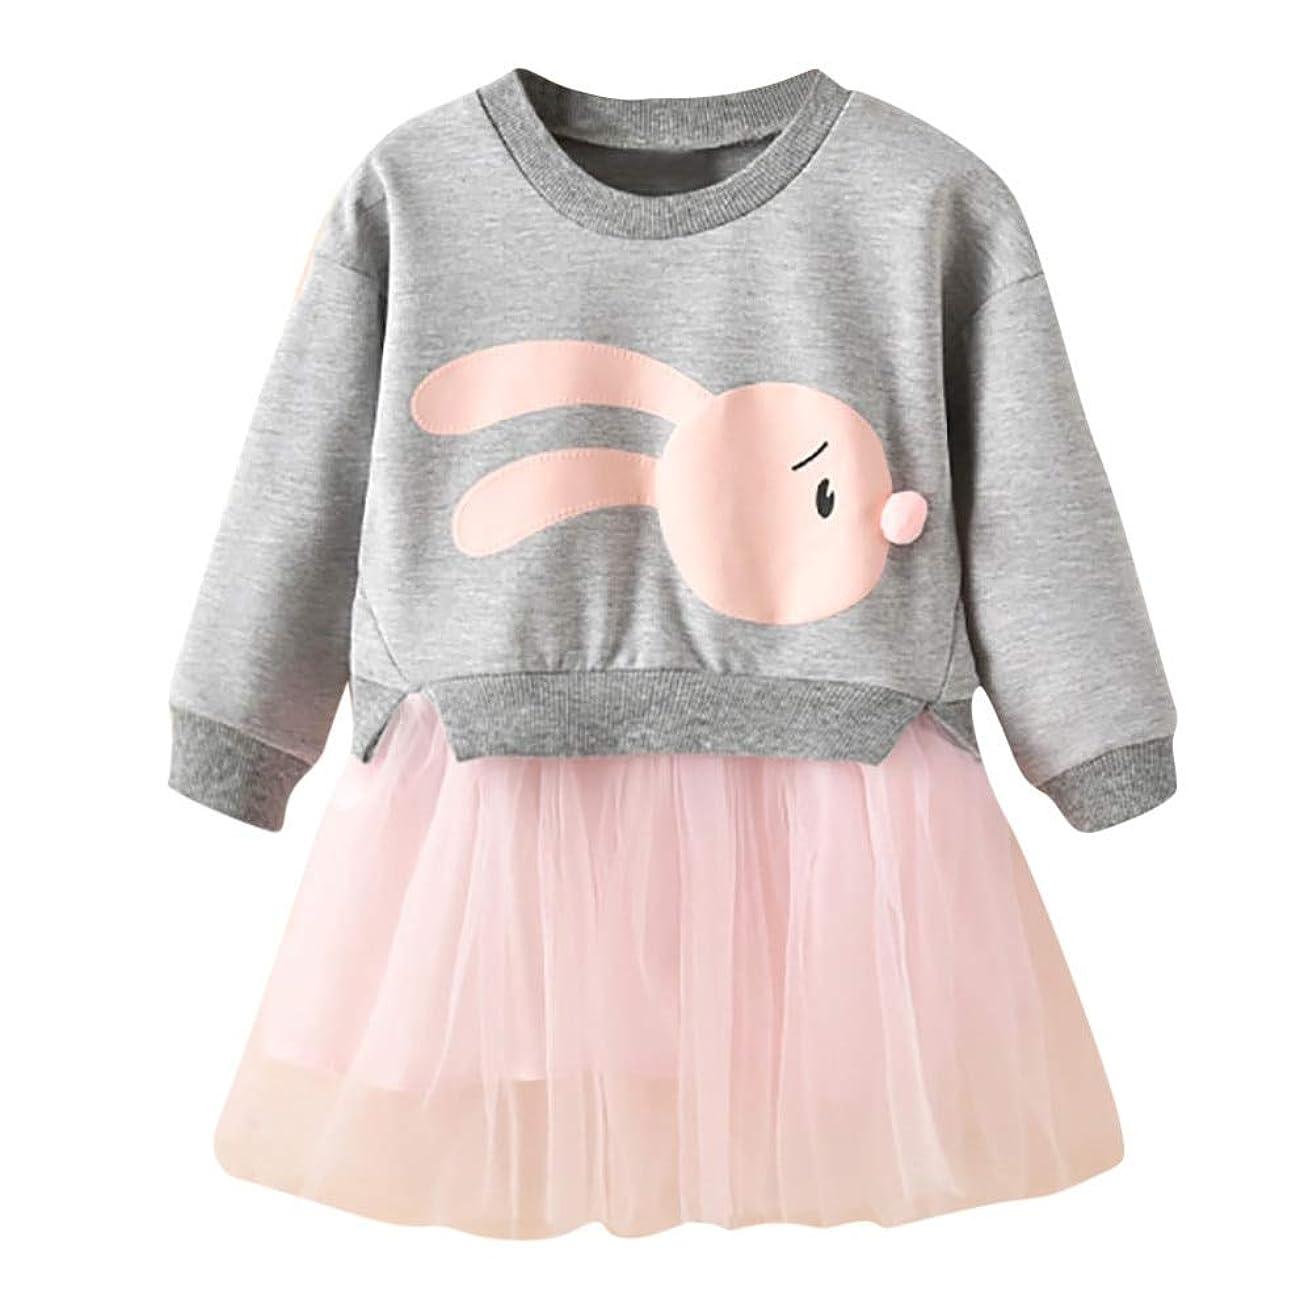 認める強い関係ないOnderroa - 冬の子供服の女の赤ちゃんの漫画のバニープリンセスパッチワークトレーナーチュールドレス服roupaのinfantil